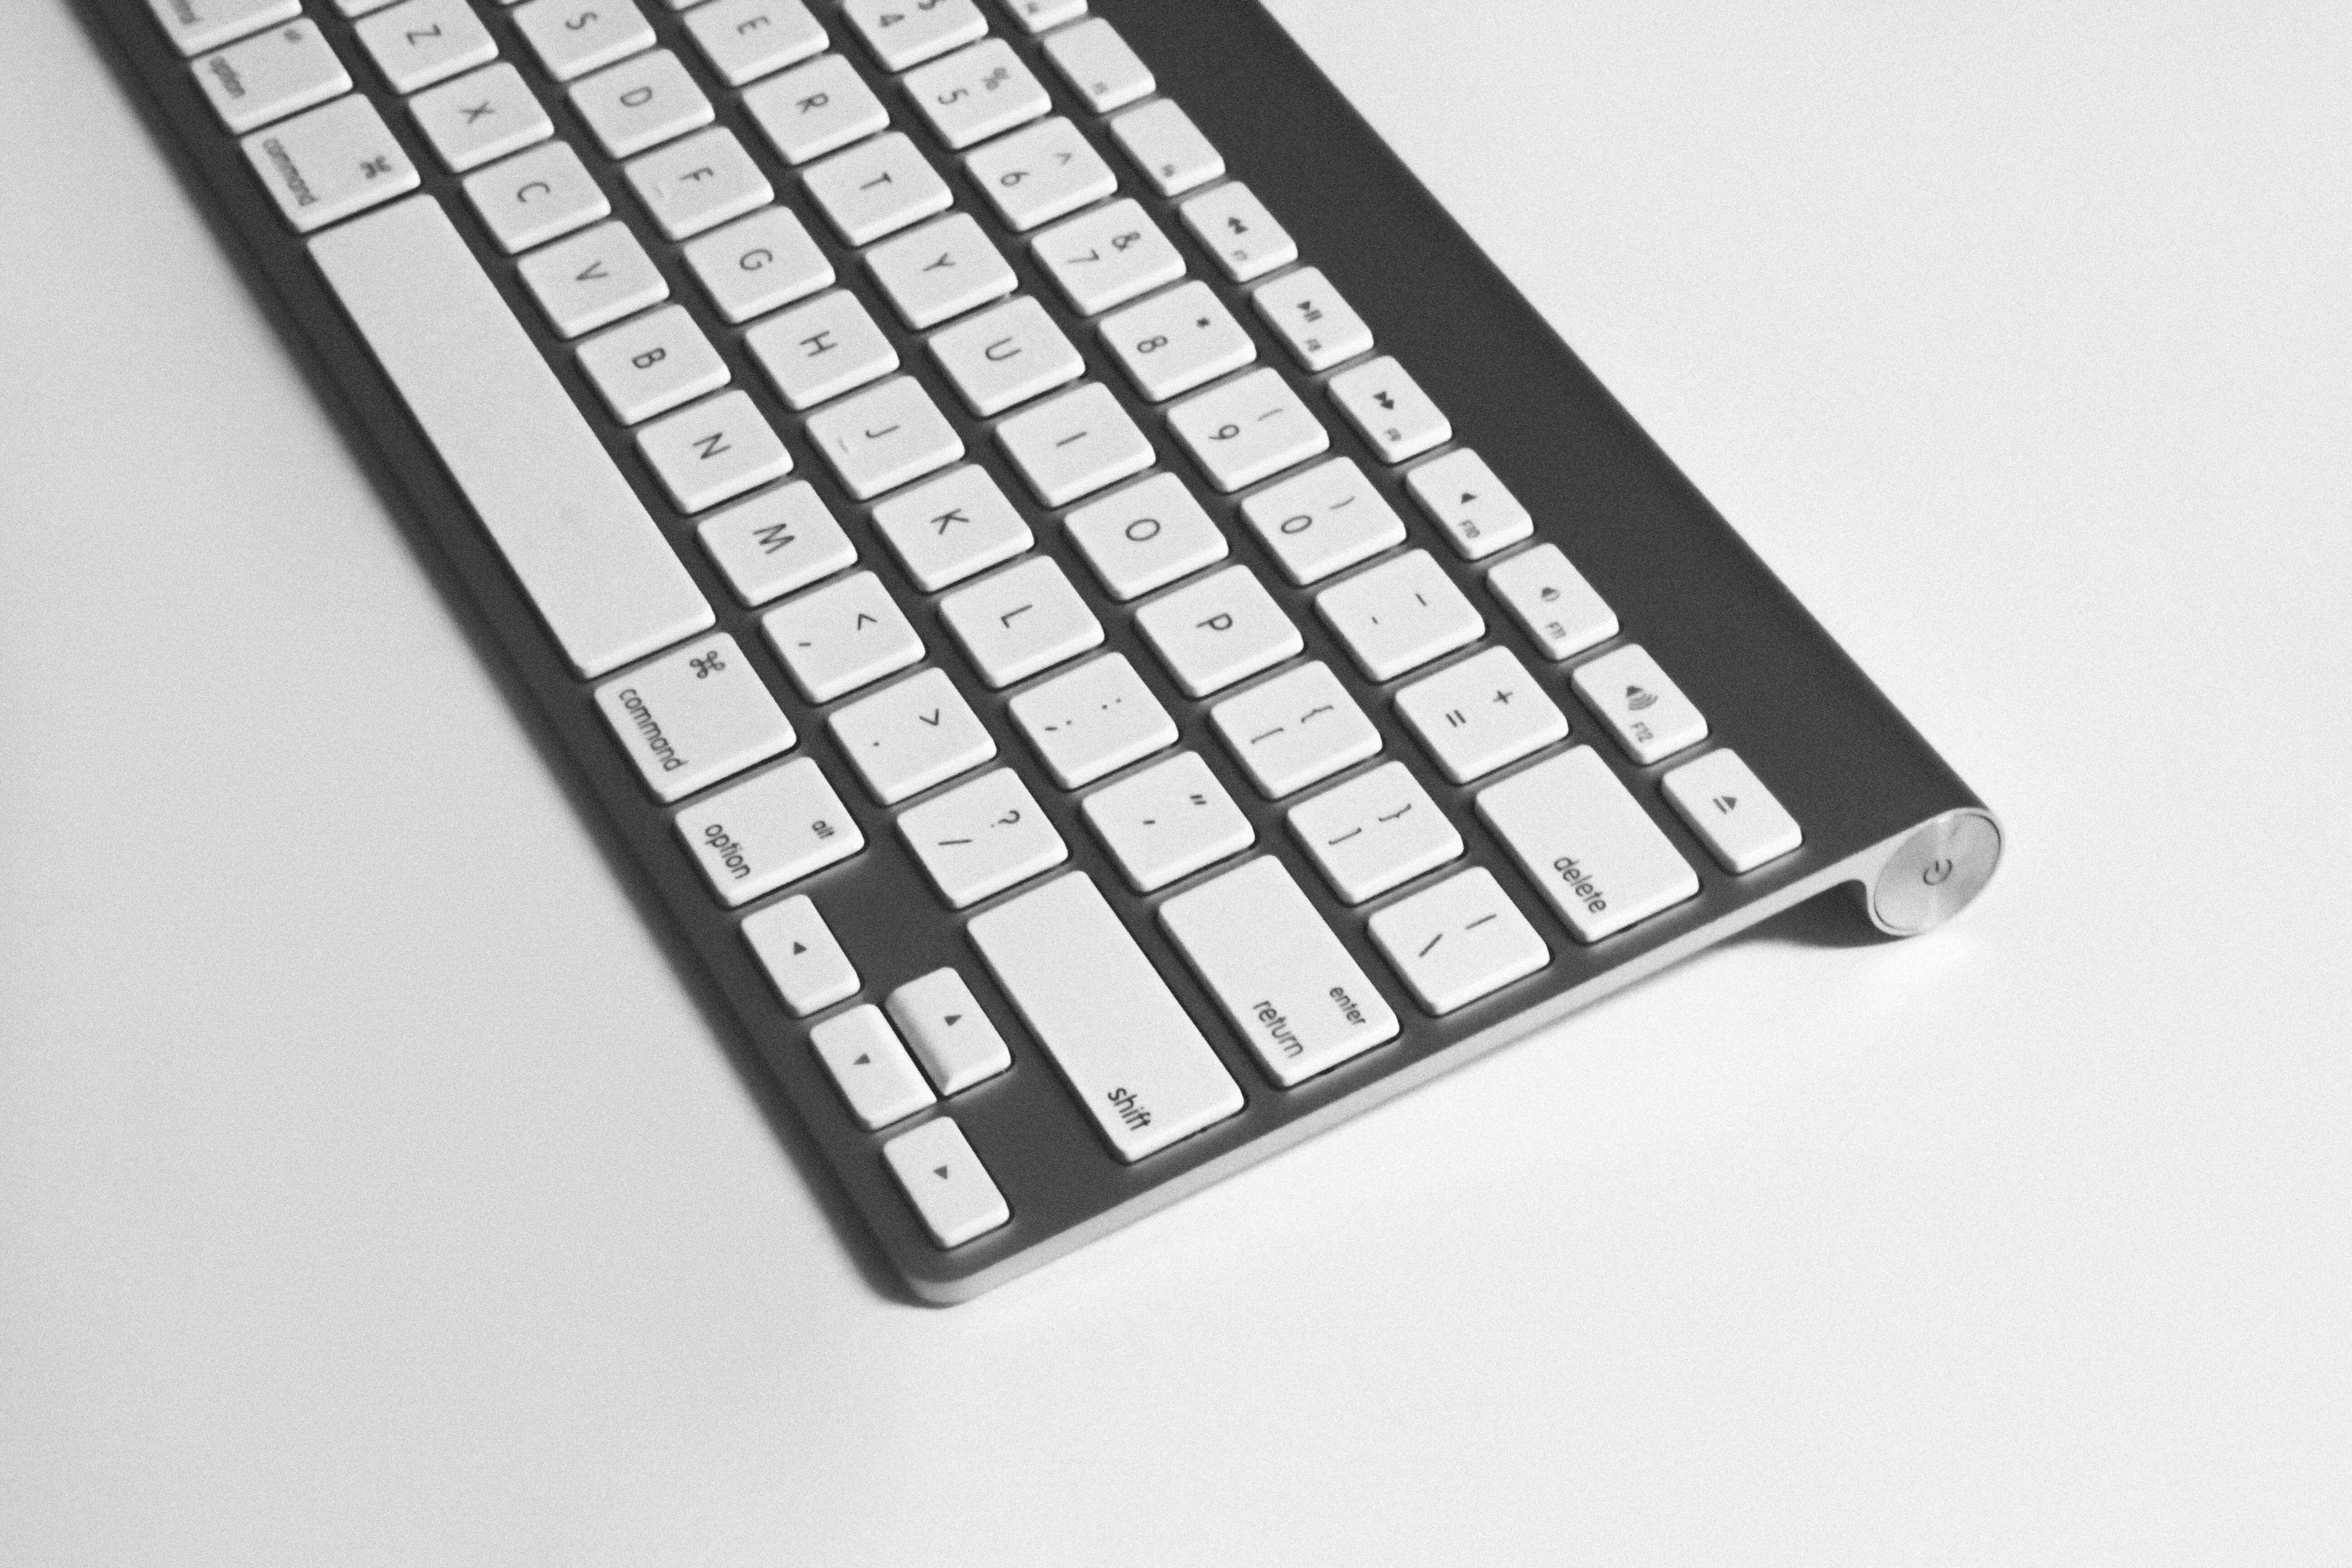 caractère clavier